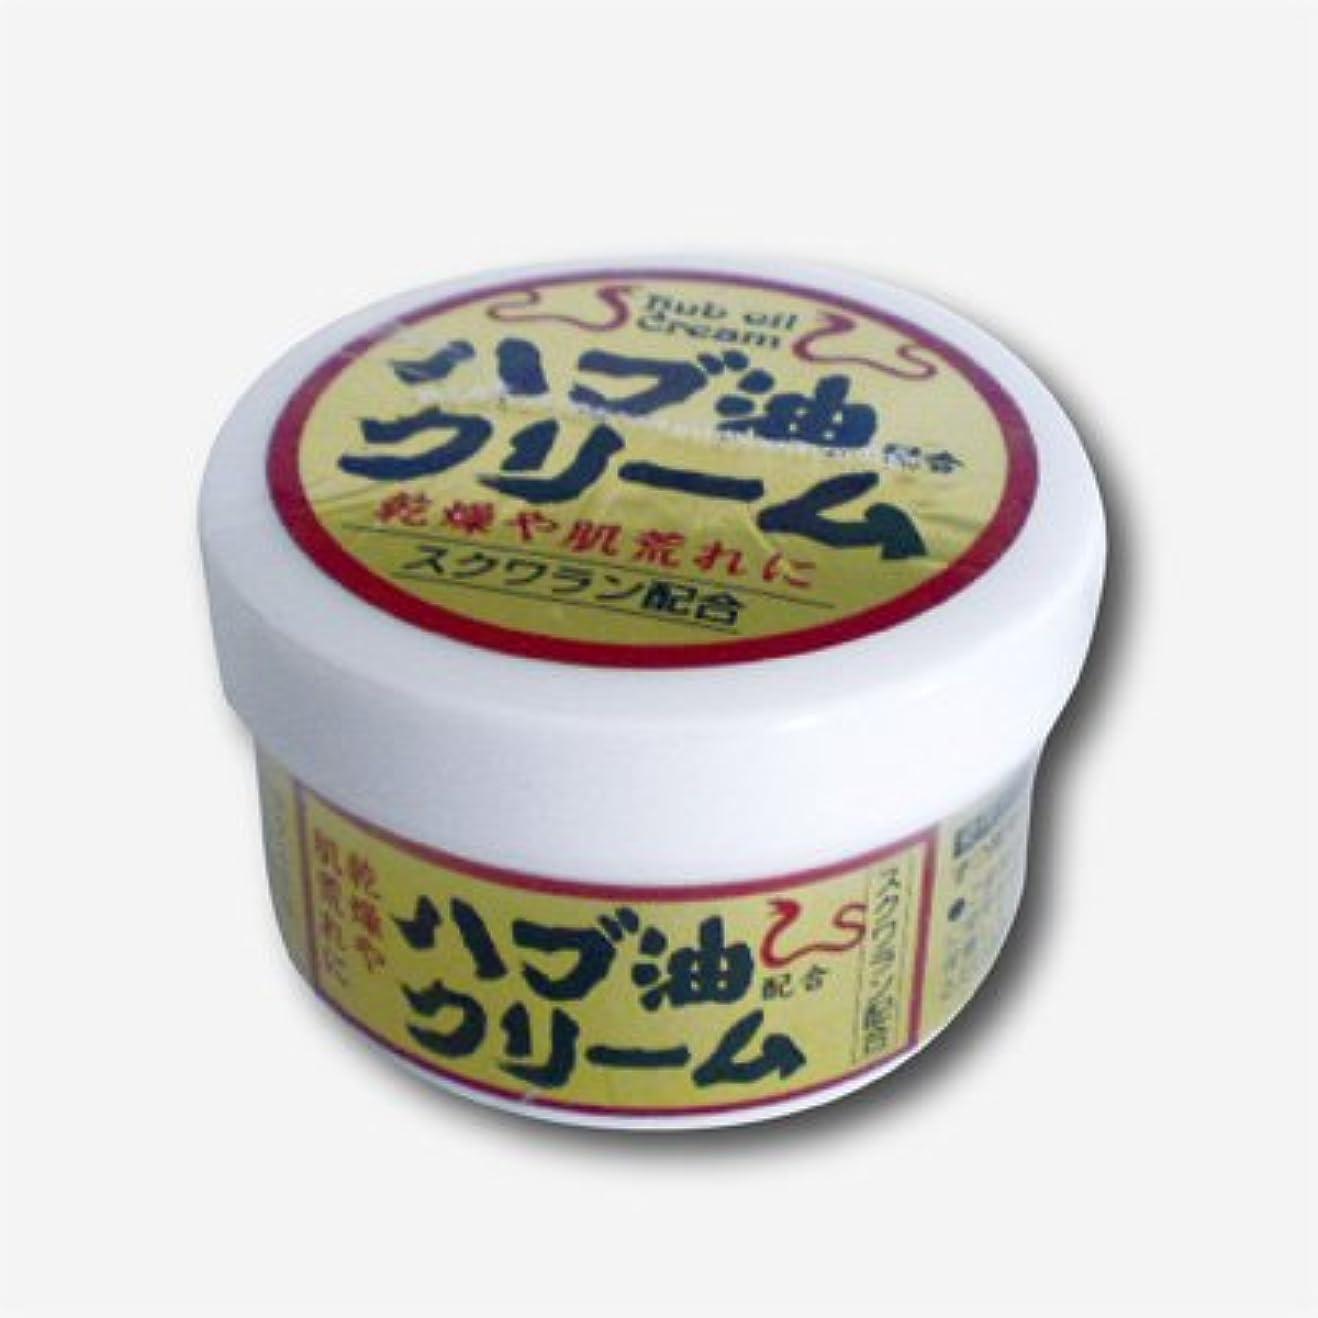 効果的に裁量迫害するハブ油配合クリーム 2個【1個?50g】